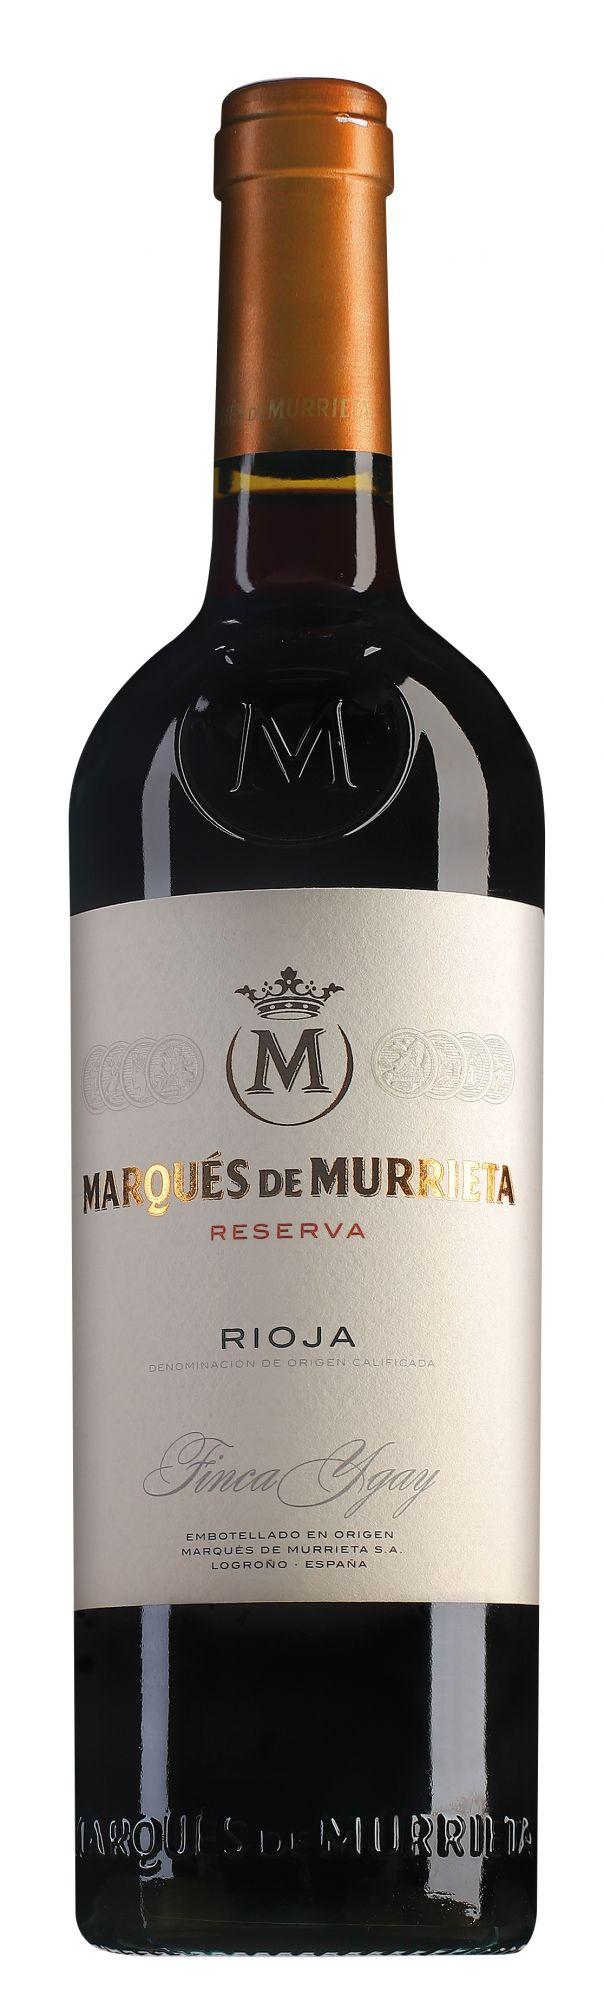 Marqués de Murrieta Rioja Finca Ygay Reserva